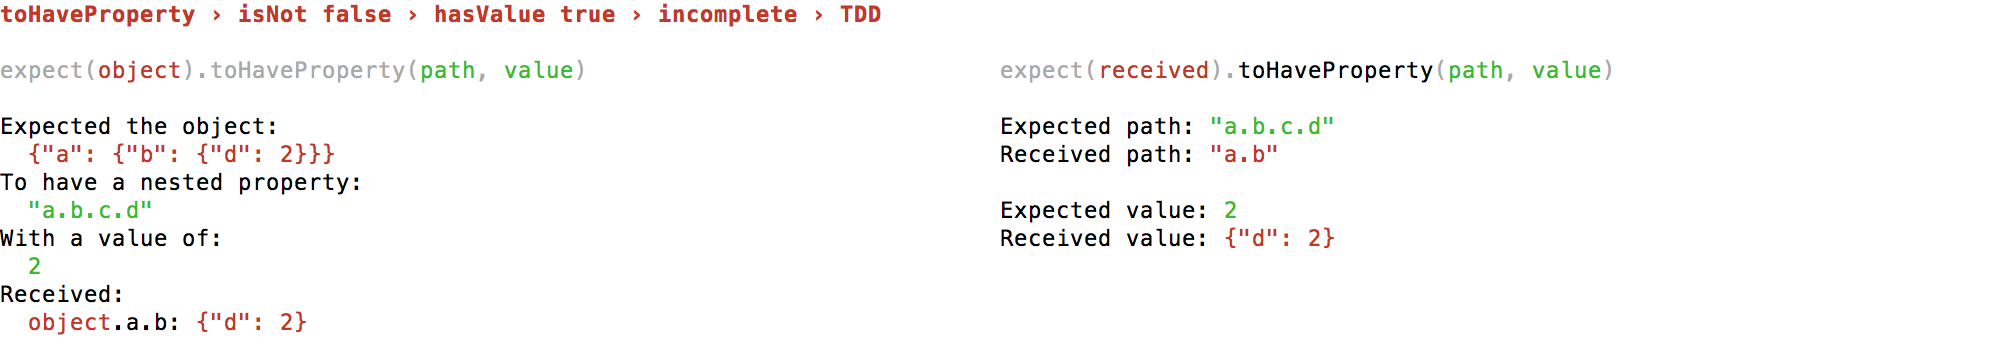 false true incomplete TDD